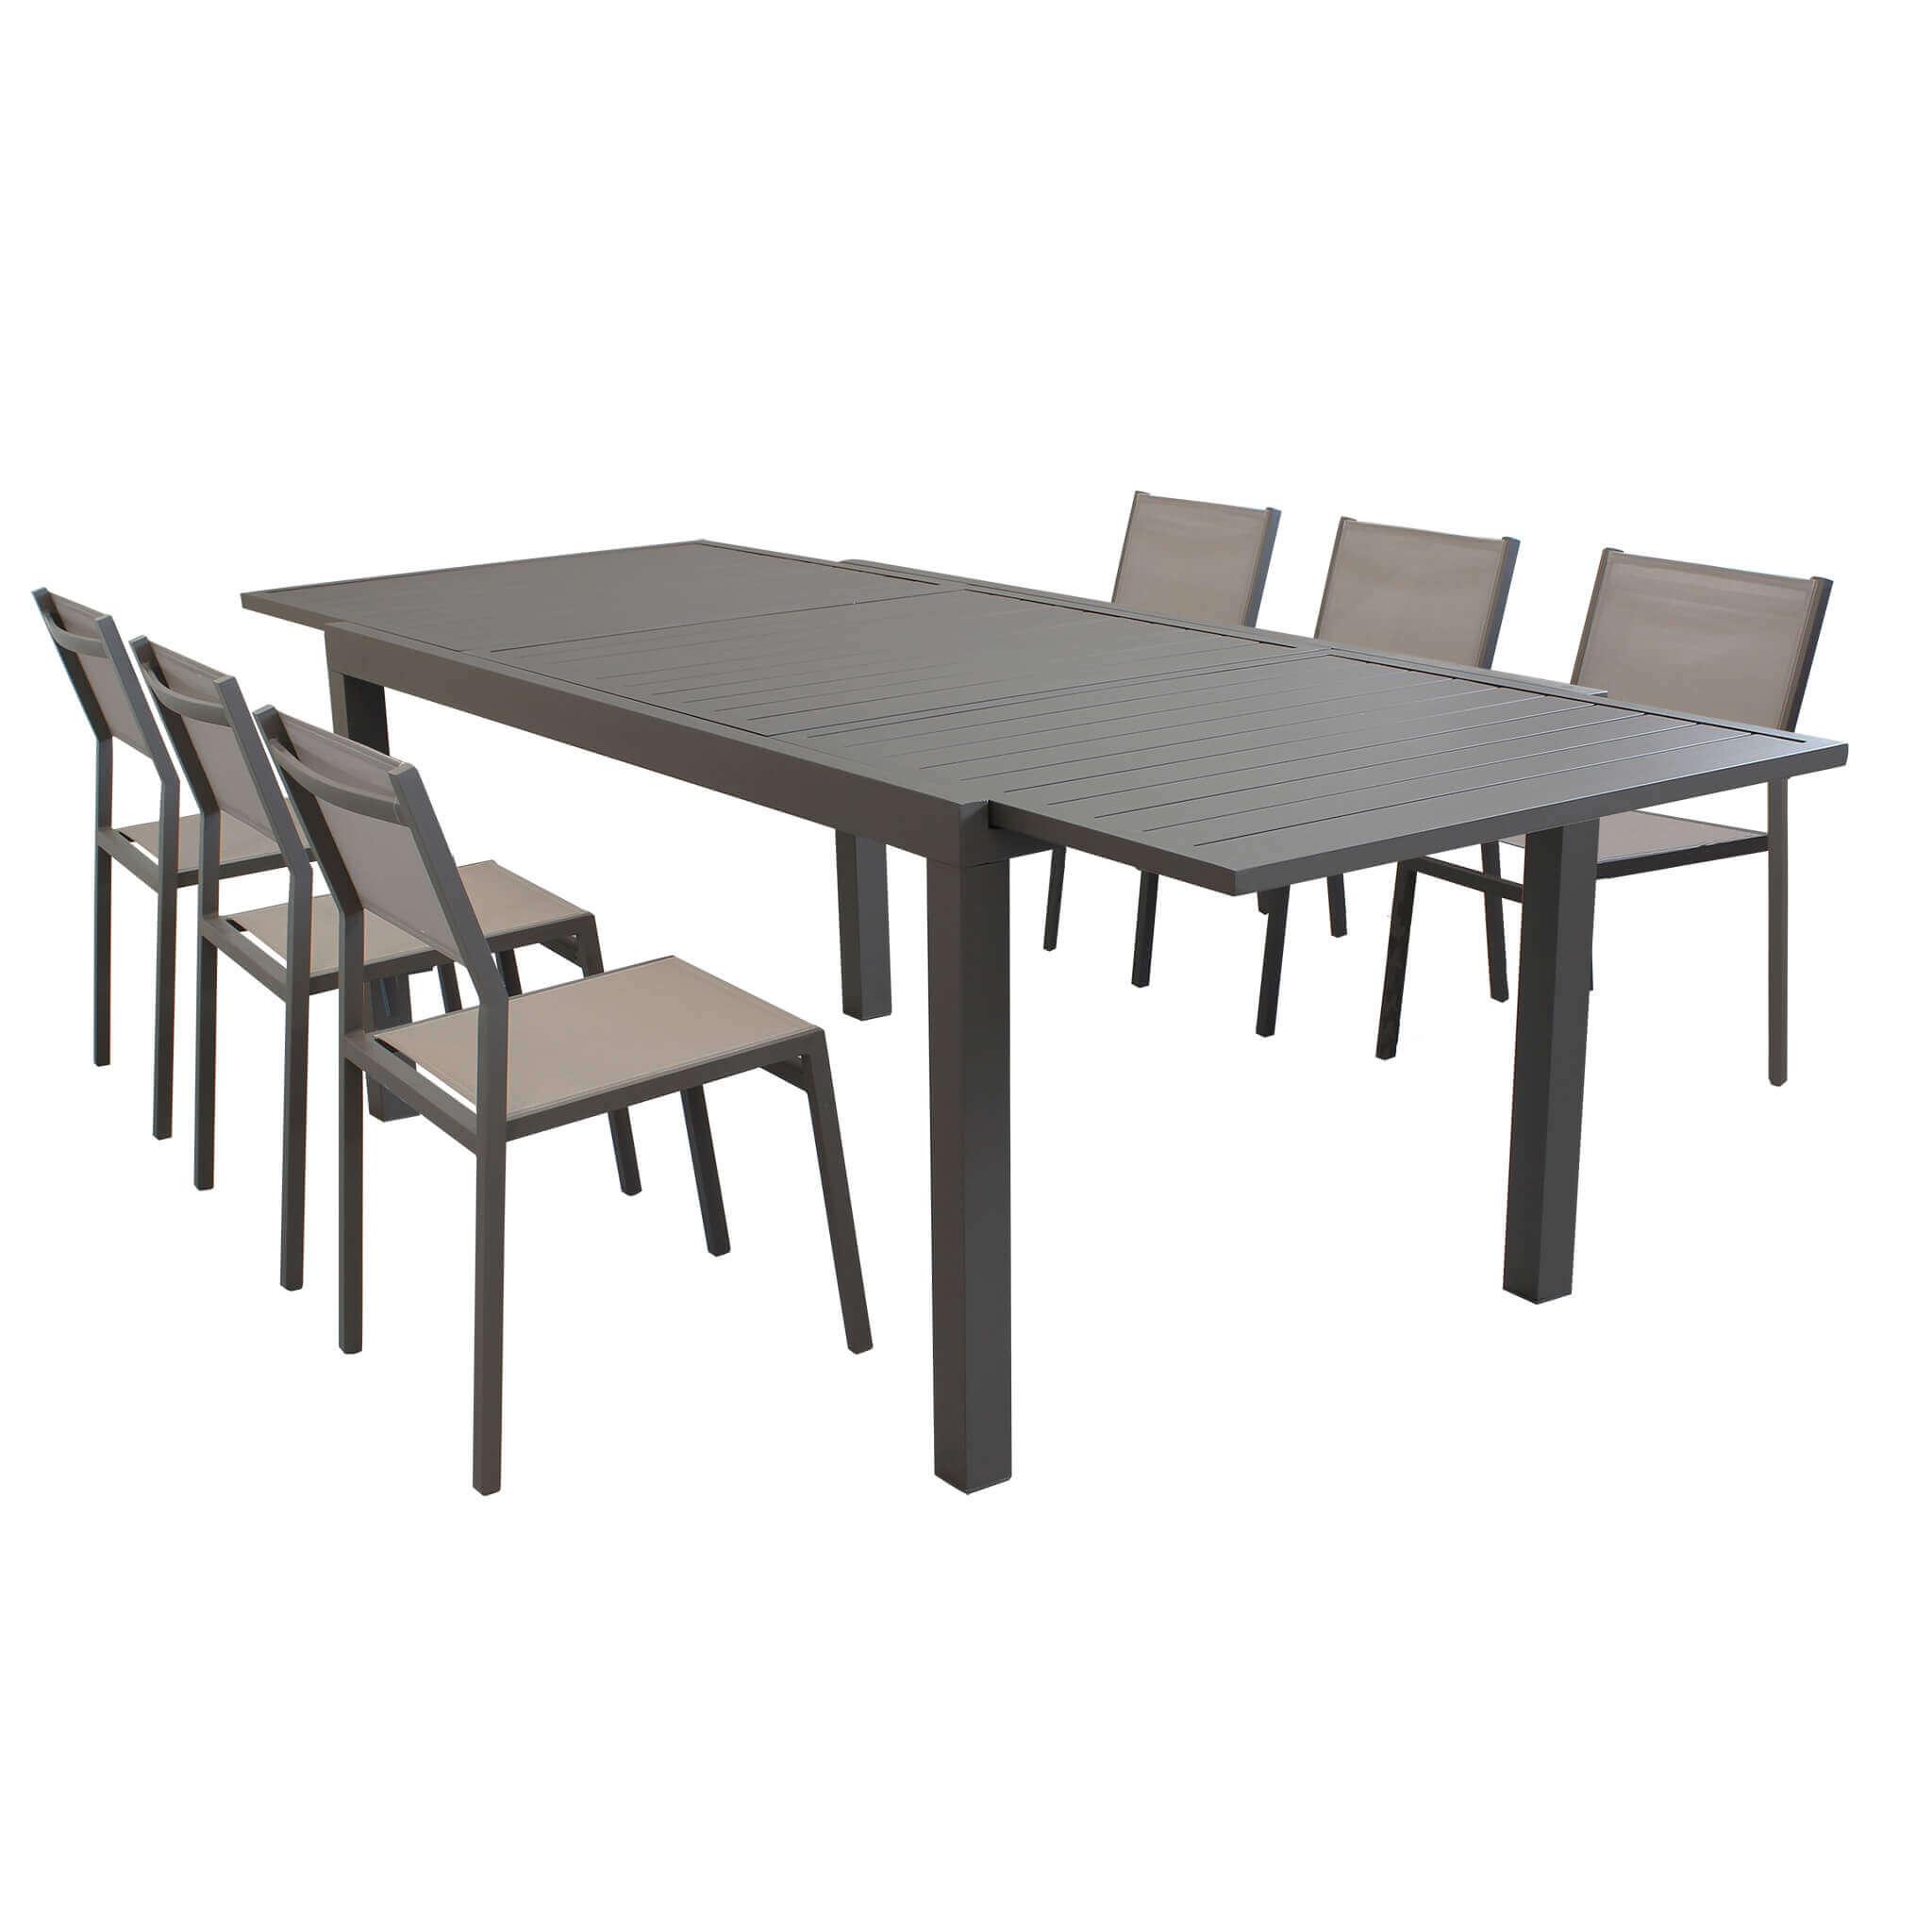 Milani Home DEXTER - set tavolo giardino rettangolare allungabile 200/300 x 100 con 6 sedie in alluminio e textilene taupe da esterno